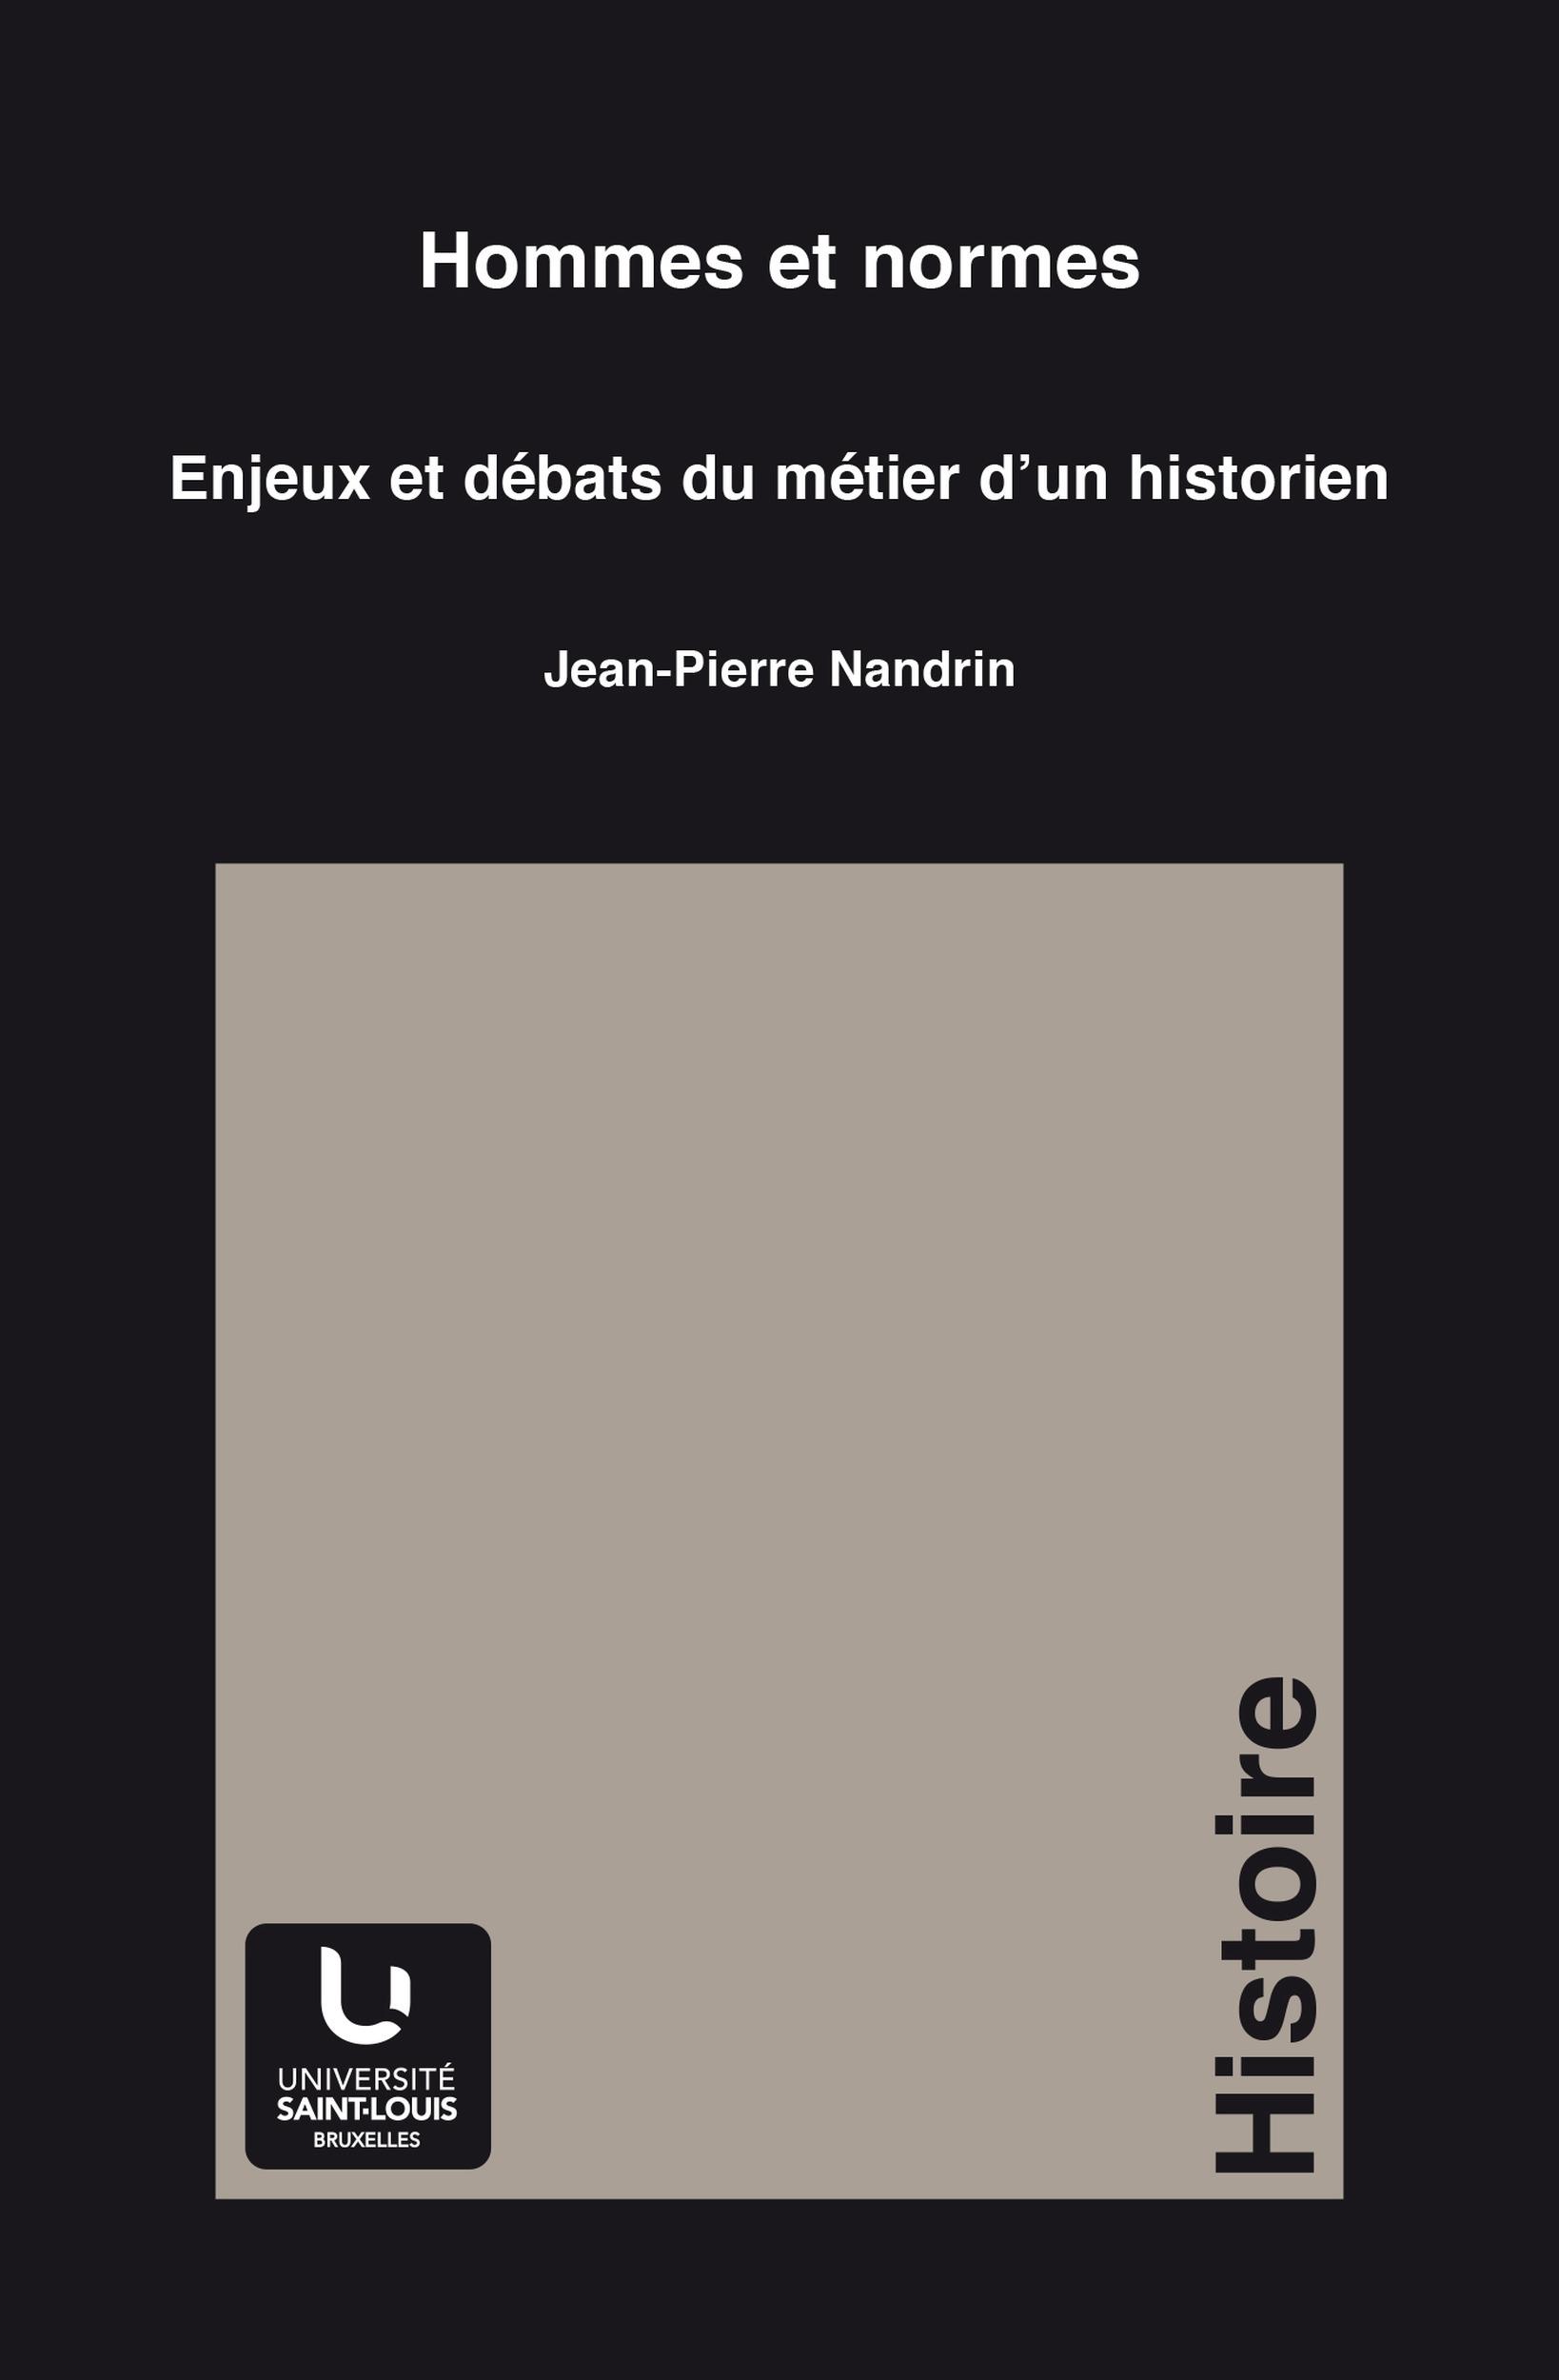 Hommes et normes ; enjeux et débats du métier d'un historien